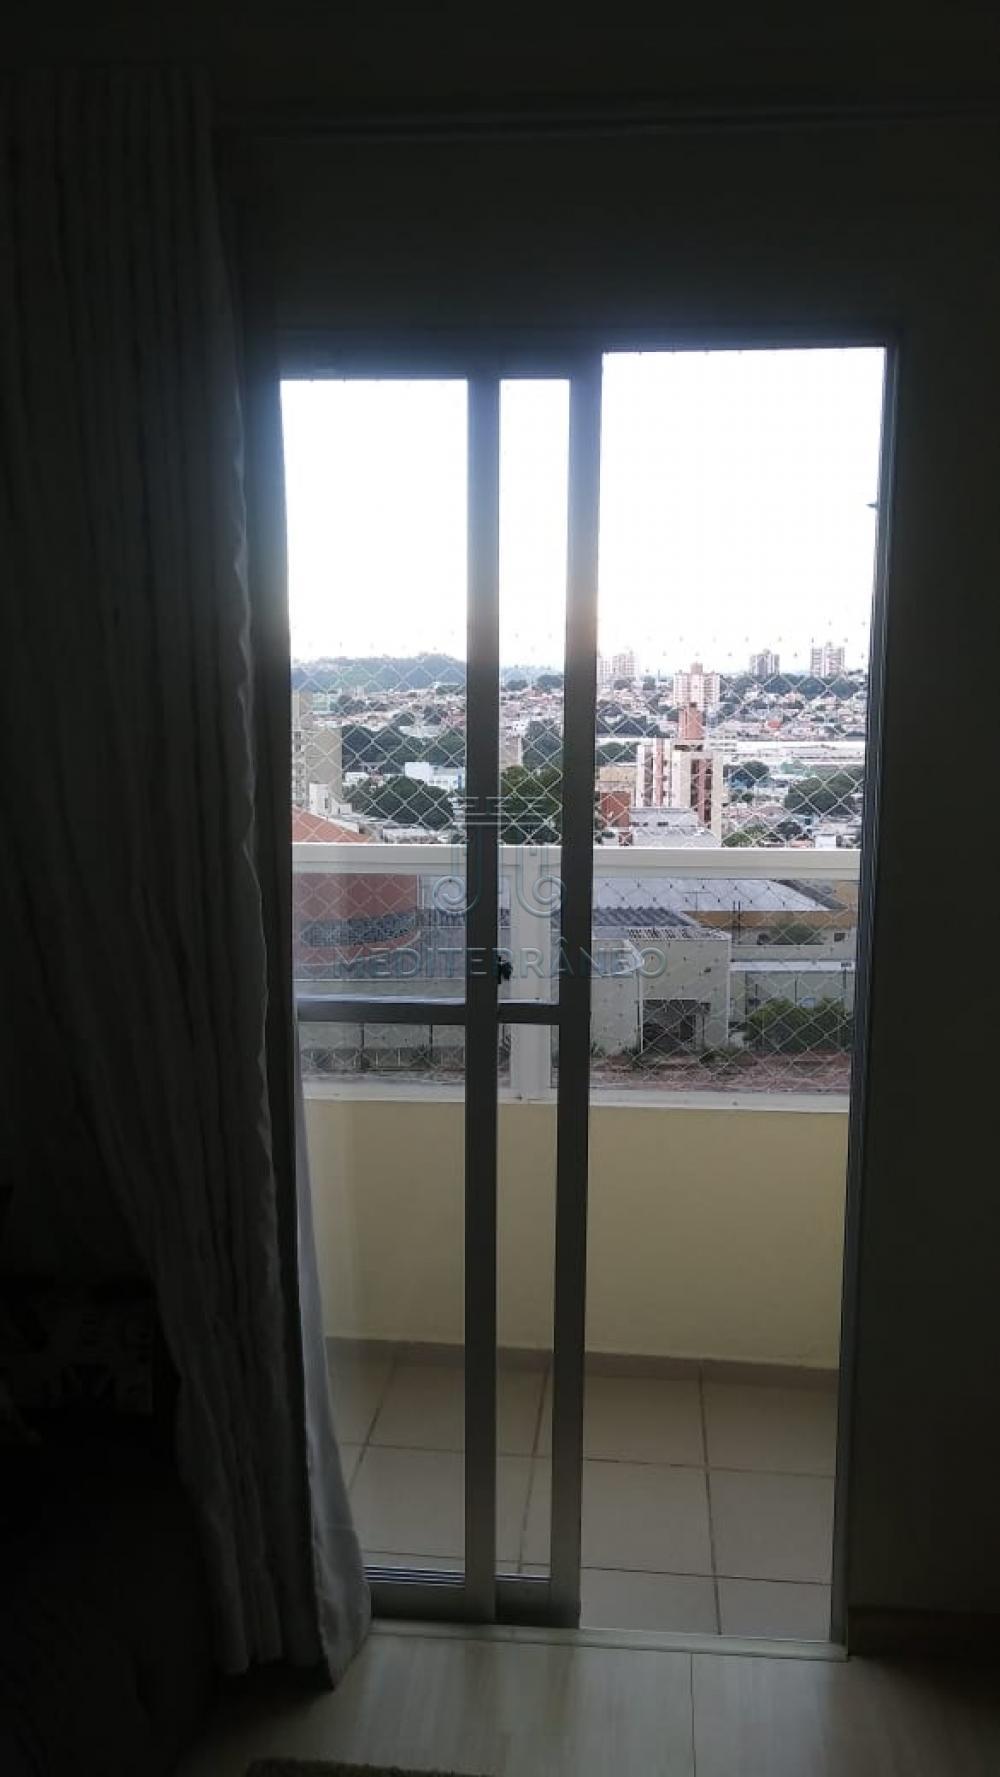 Comprar Apartamento / Padrão em Jundiaí apenas R$ 292.000,00 - Foto 9